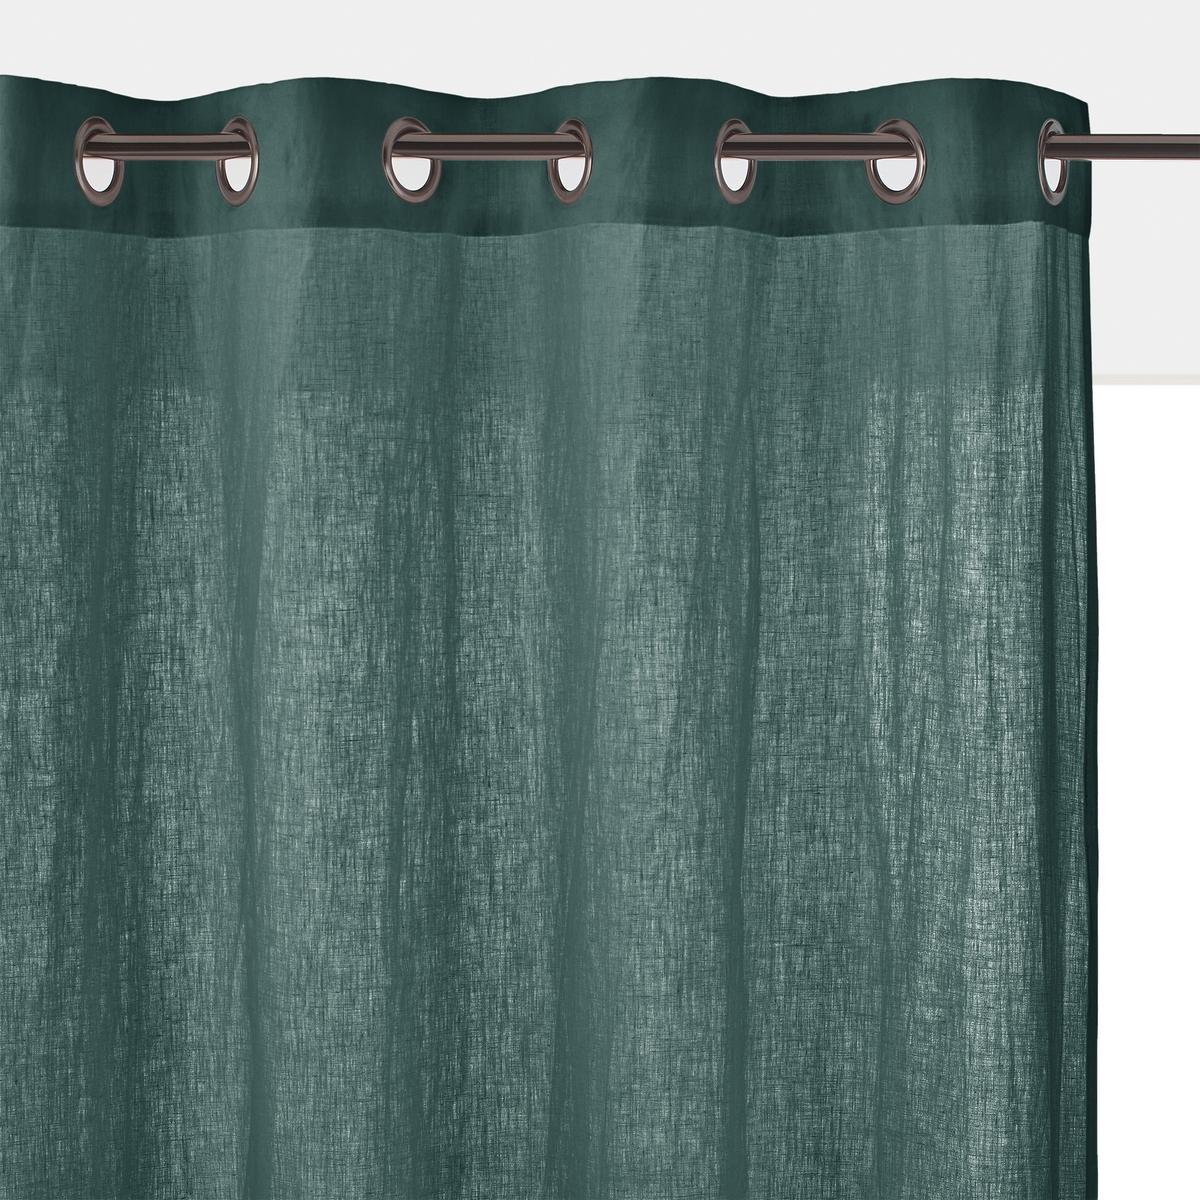 Штора льняная с люверсами, ONEGAХарактеристики льняной шторы ONEGA :Качество BEST, требование качества. 100% ленПодшитый низ.Отделка люверсами, цвет темно-серый металлик.Отличная стойкость цветов.Размеры льняной шторы ONEGA: Выс. 180 x Шир.135 смВыс. 220 x Шир.135 смВыс.260 x Шир.135 смВыс.350 x Шир.135 смВсю коллекцию ONEGA Вы найдете на laredoute.ru Знак Oeko-Tex® гарантирует, что товары прошли проверку и были изготовлены без применения вредных для здоровья человека веществ.<br><br>Цвет: антрацит,белый,бледный сине-зеленый,зеленый,прусский синий,розовая пудра,серо-бежевый,терракота